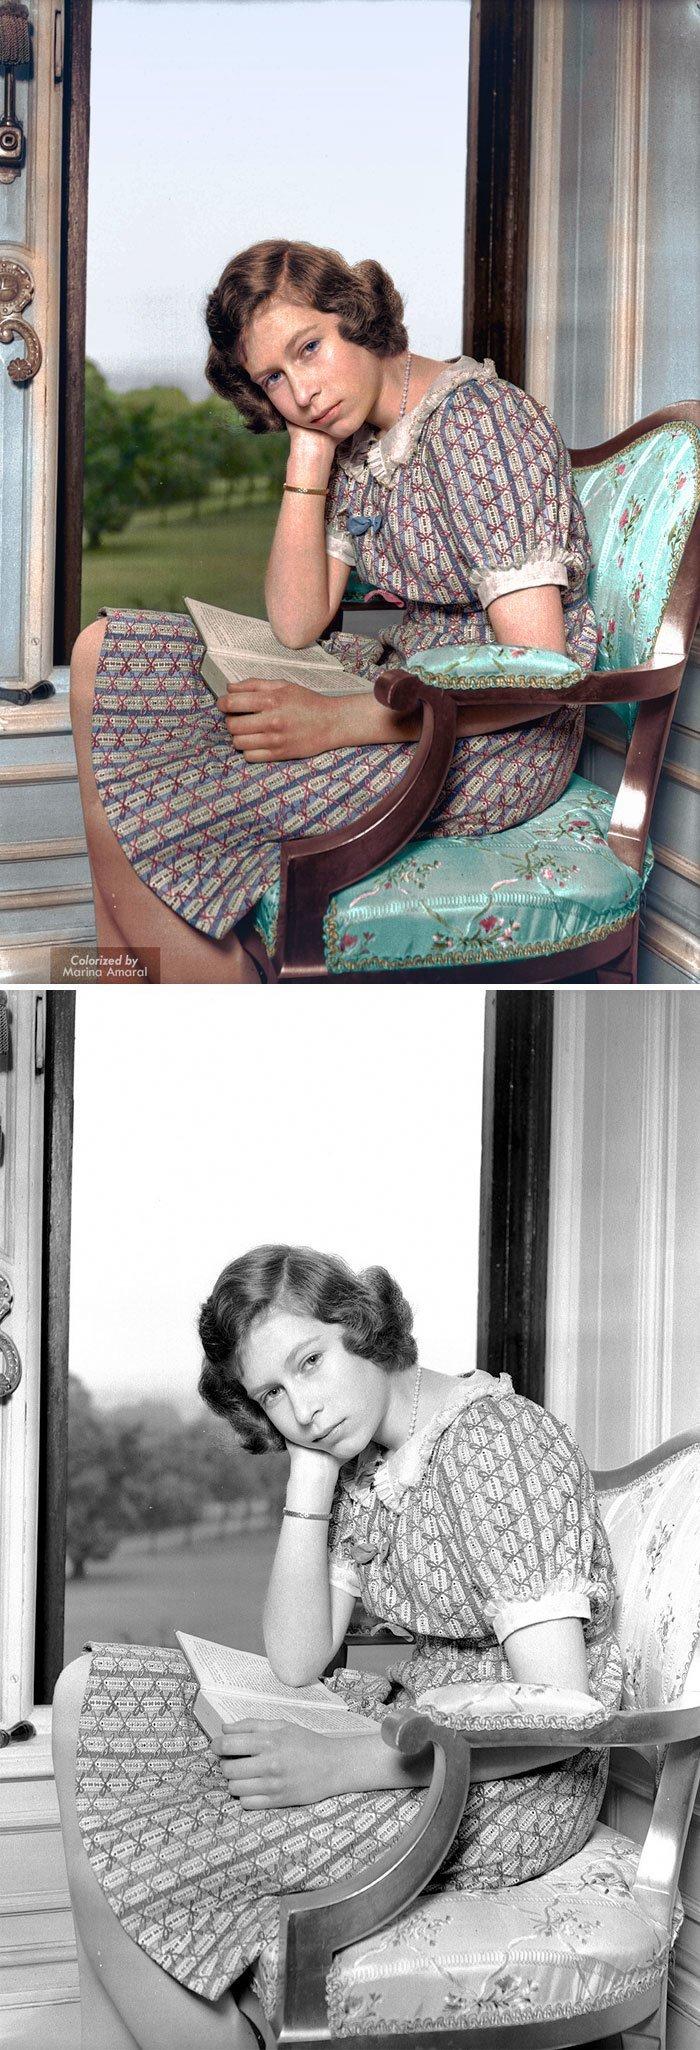 Елизавета II история, портрет, прошлое, событие, фотография, фотомир, цвет